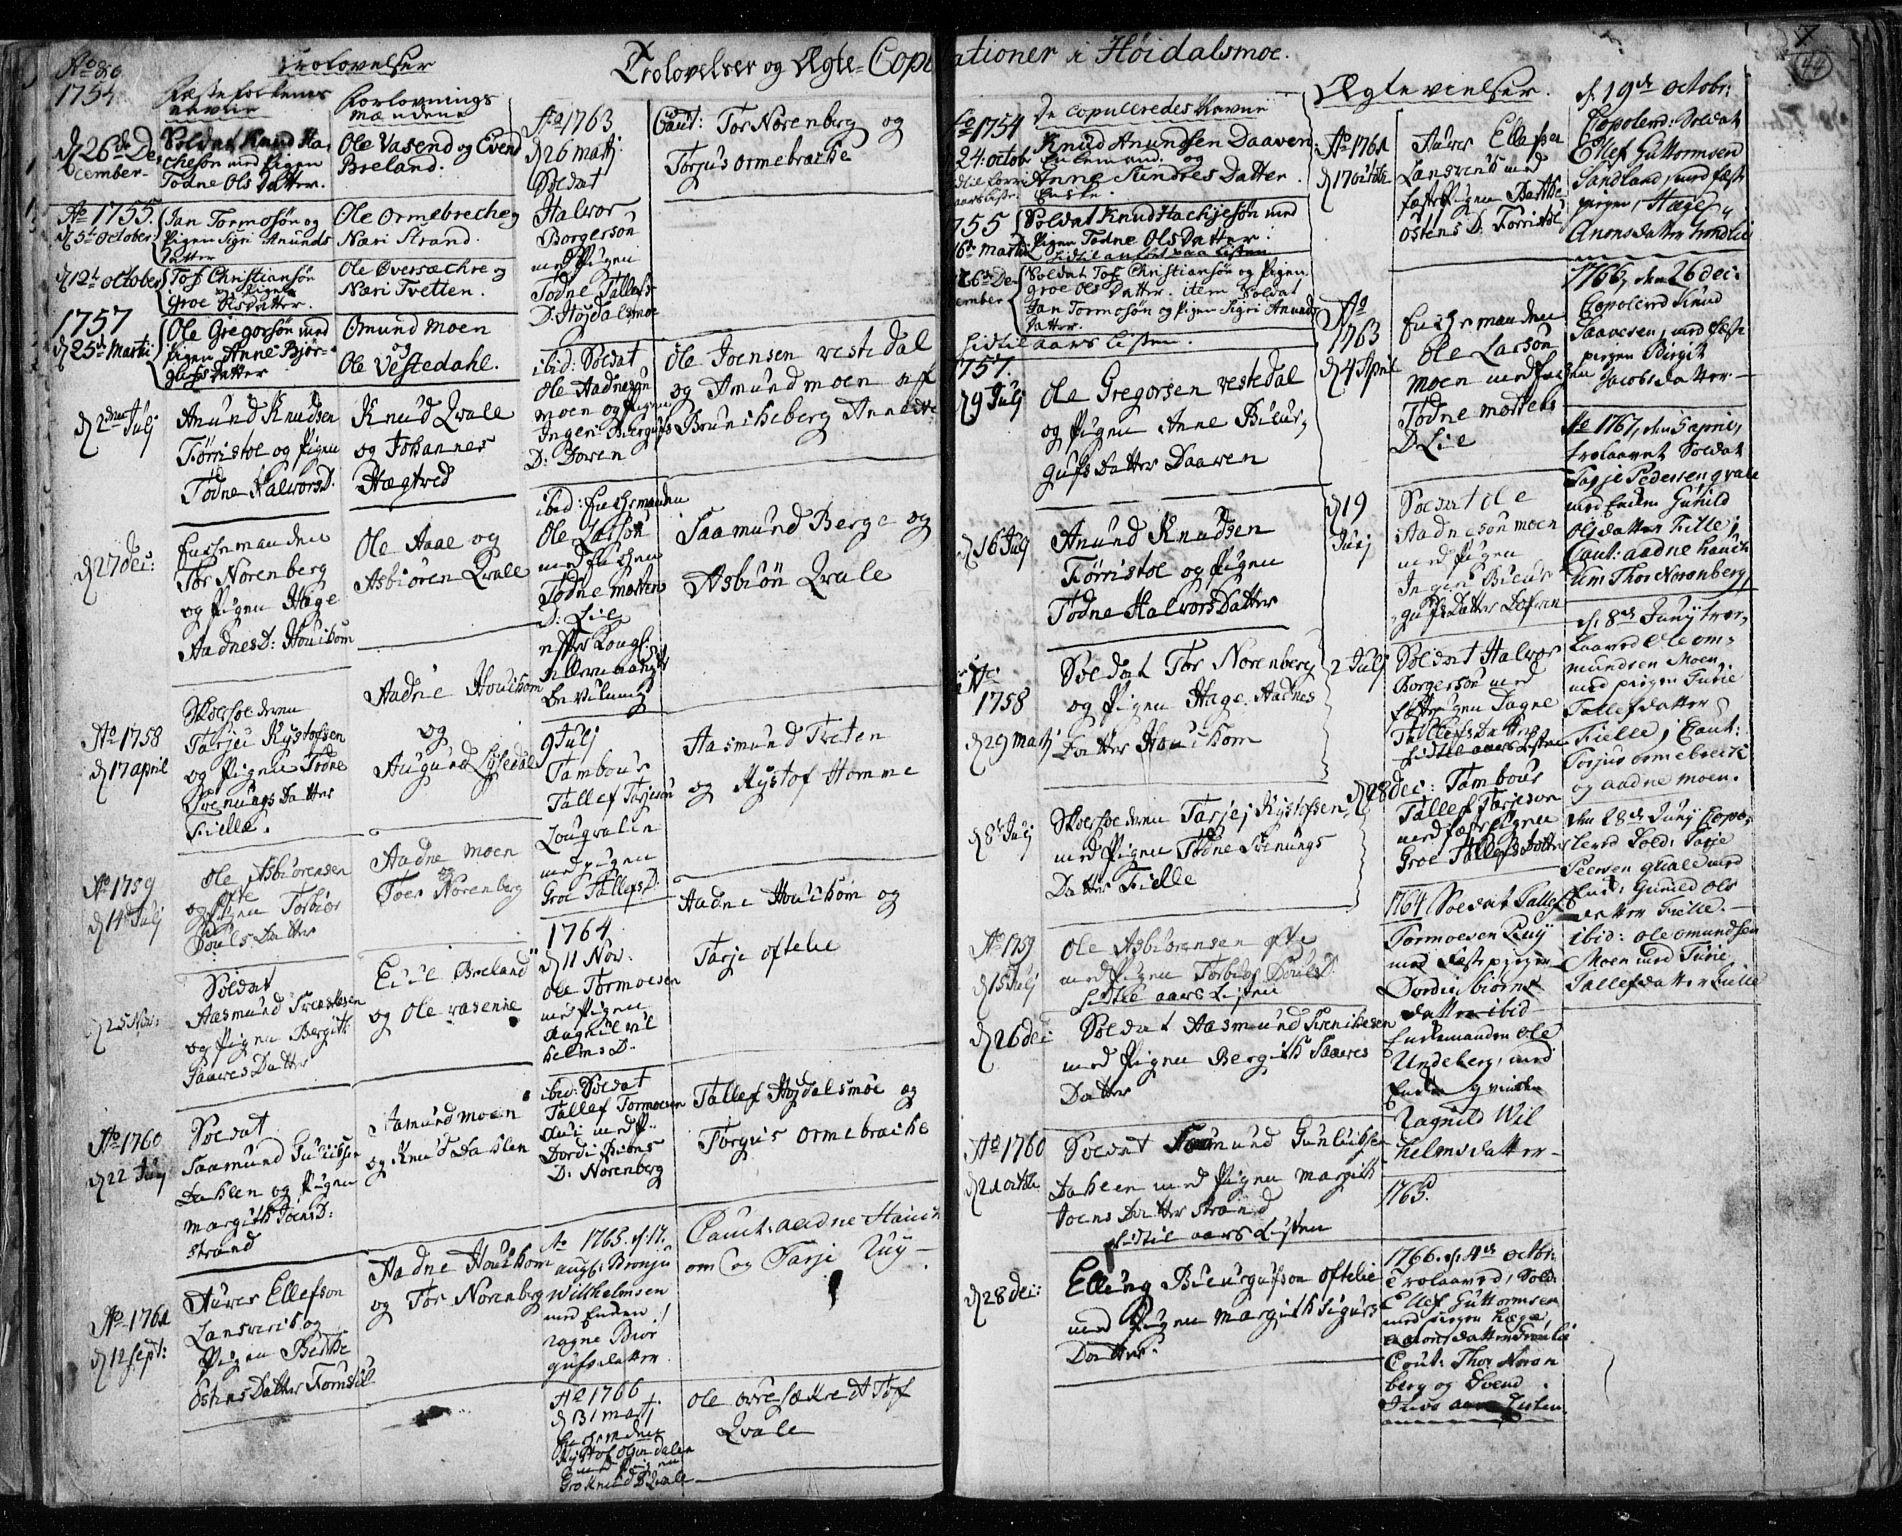 SAKO, Lårdal kirkebøker, F/Fa/L0003: Ministerialbok nr. I 3, 1754-1790, s. 44